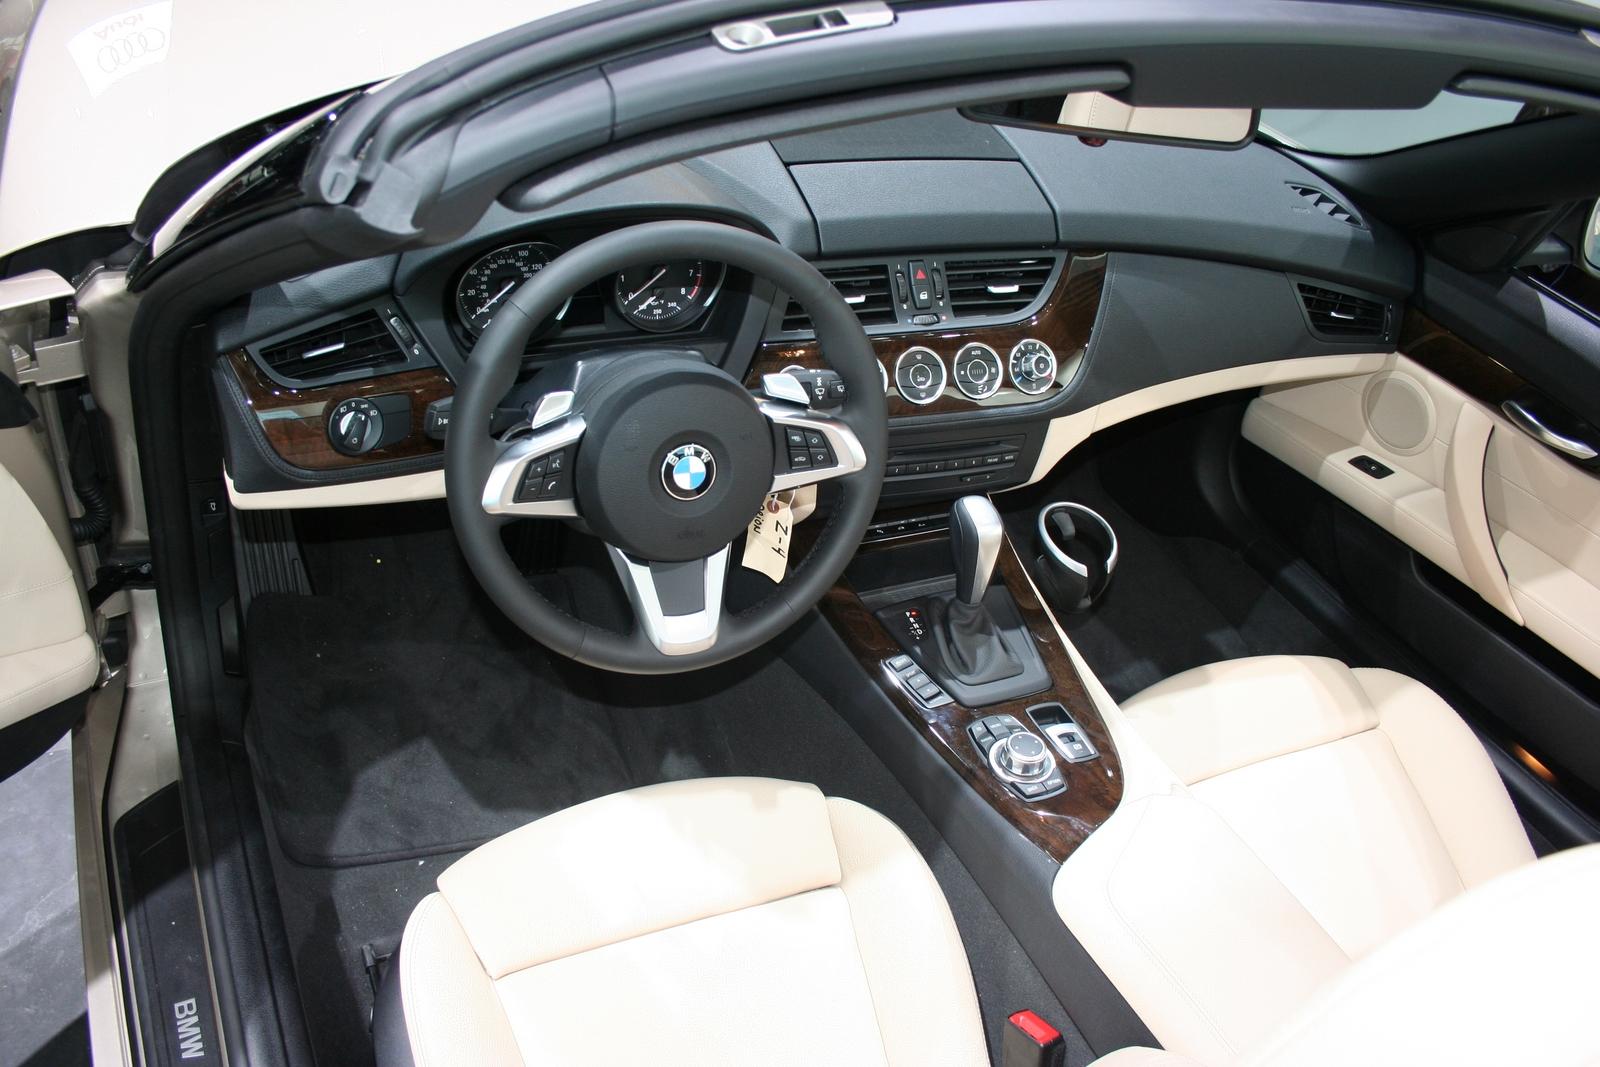 2009 Bmw Z4 Interior